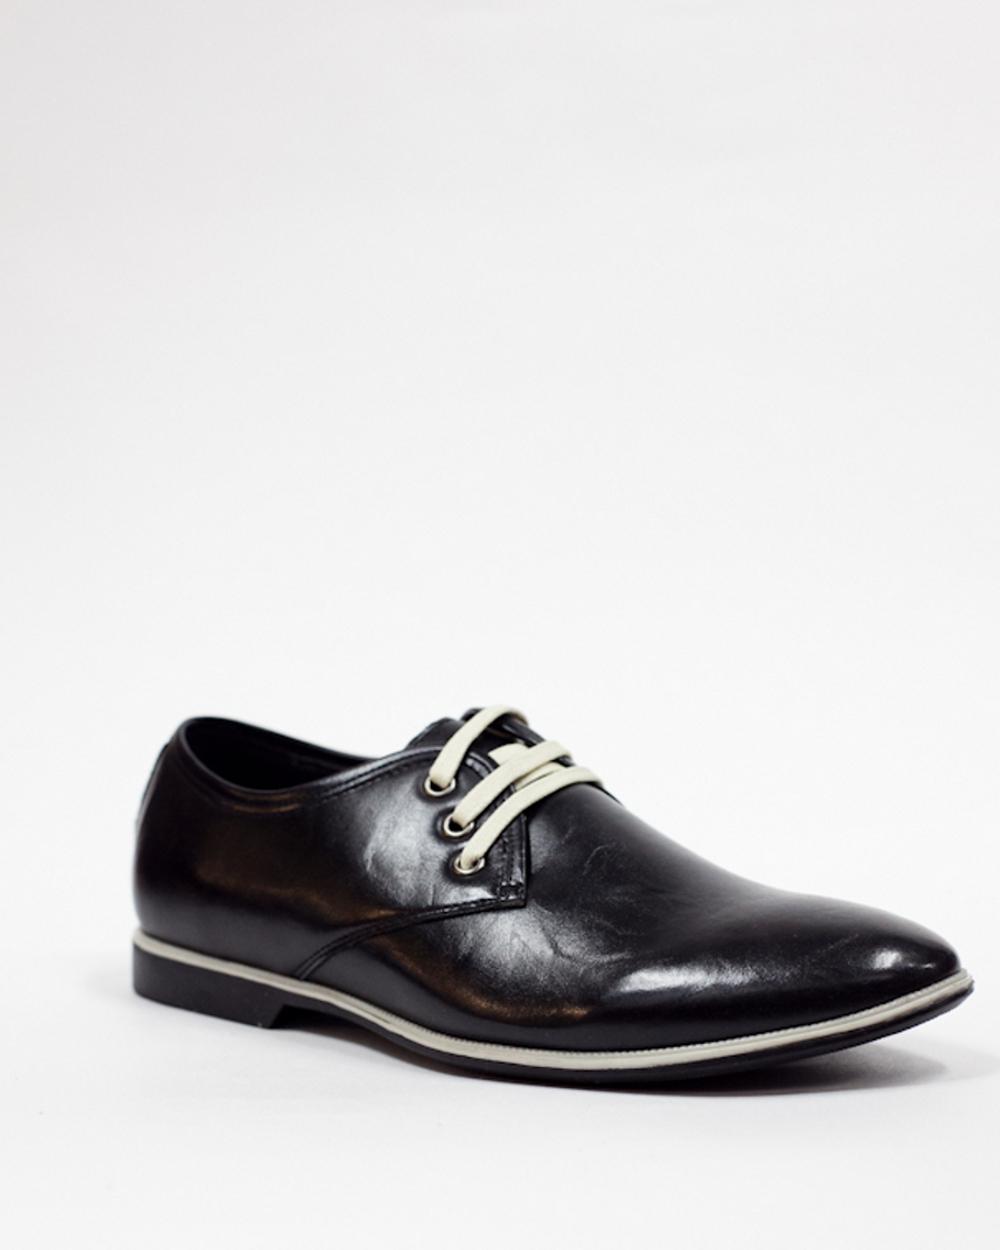 Ботинки для мужчин | БашМаг